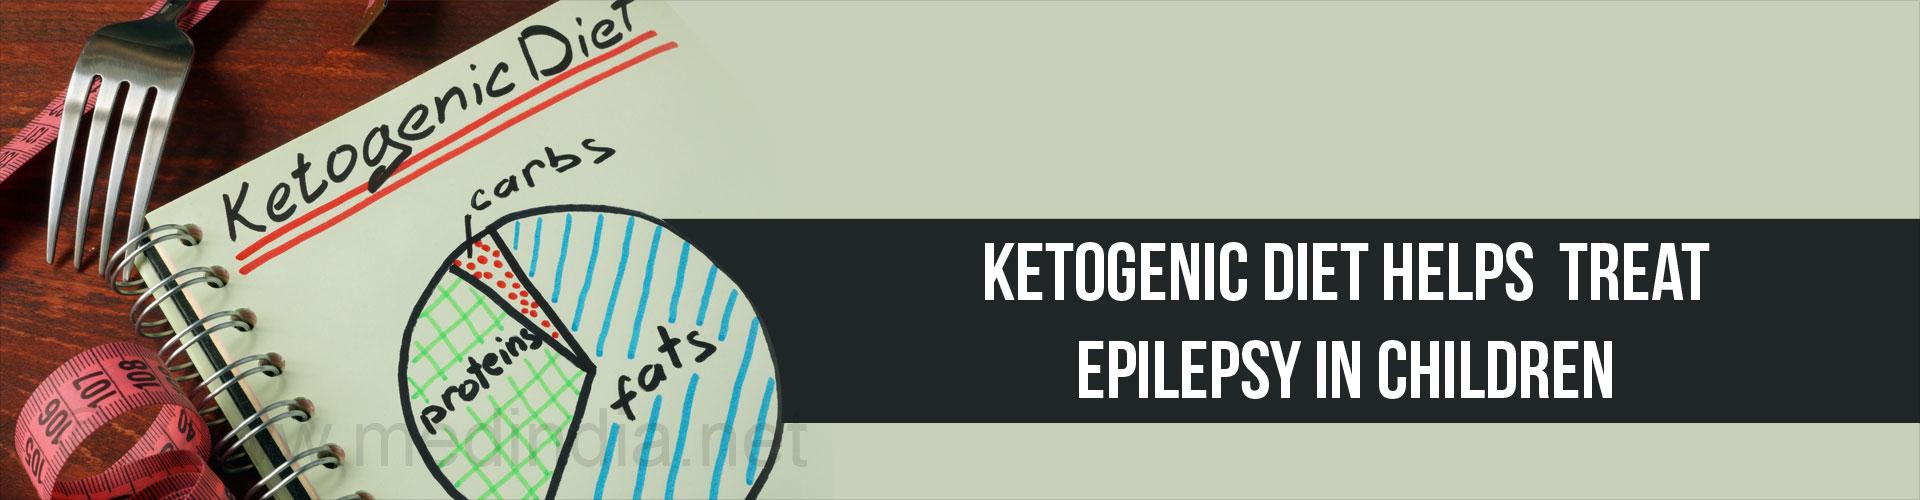 Ketogenic Diet Helps Treat Epilepsy in Children